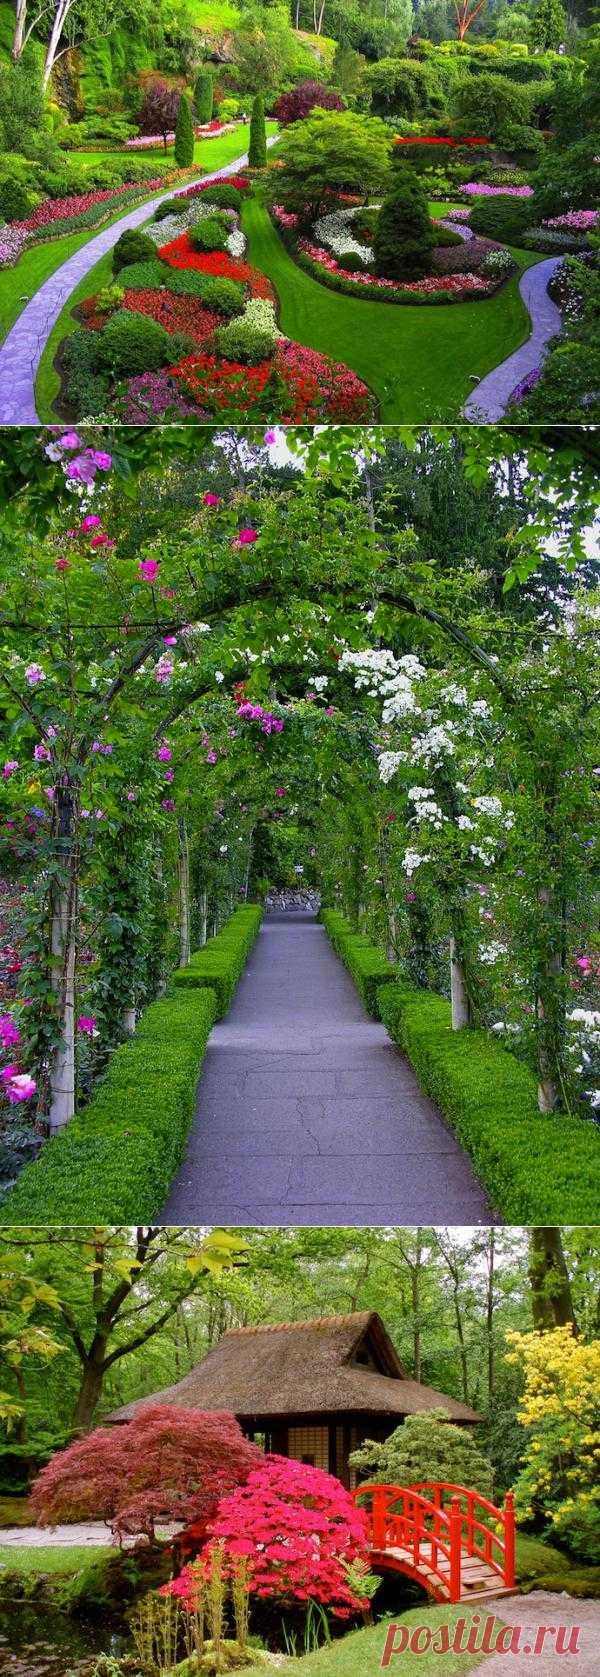 Красивые сады мира